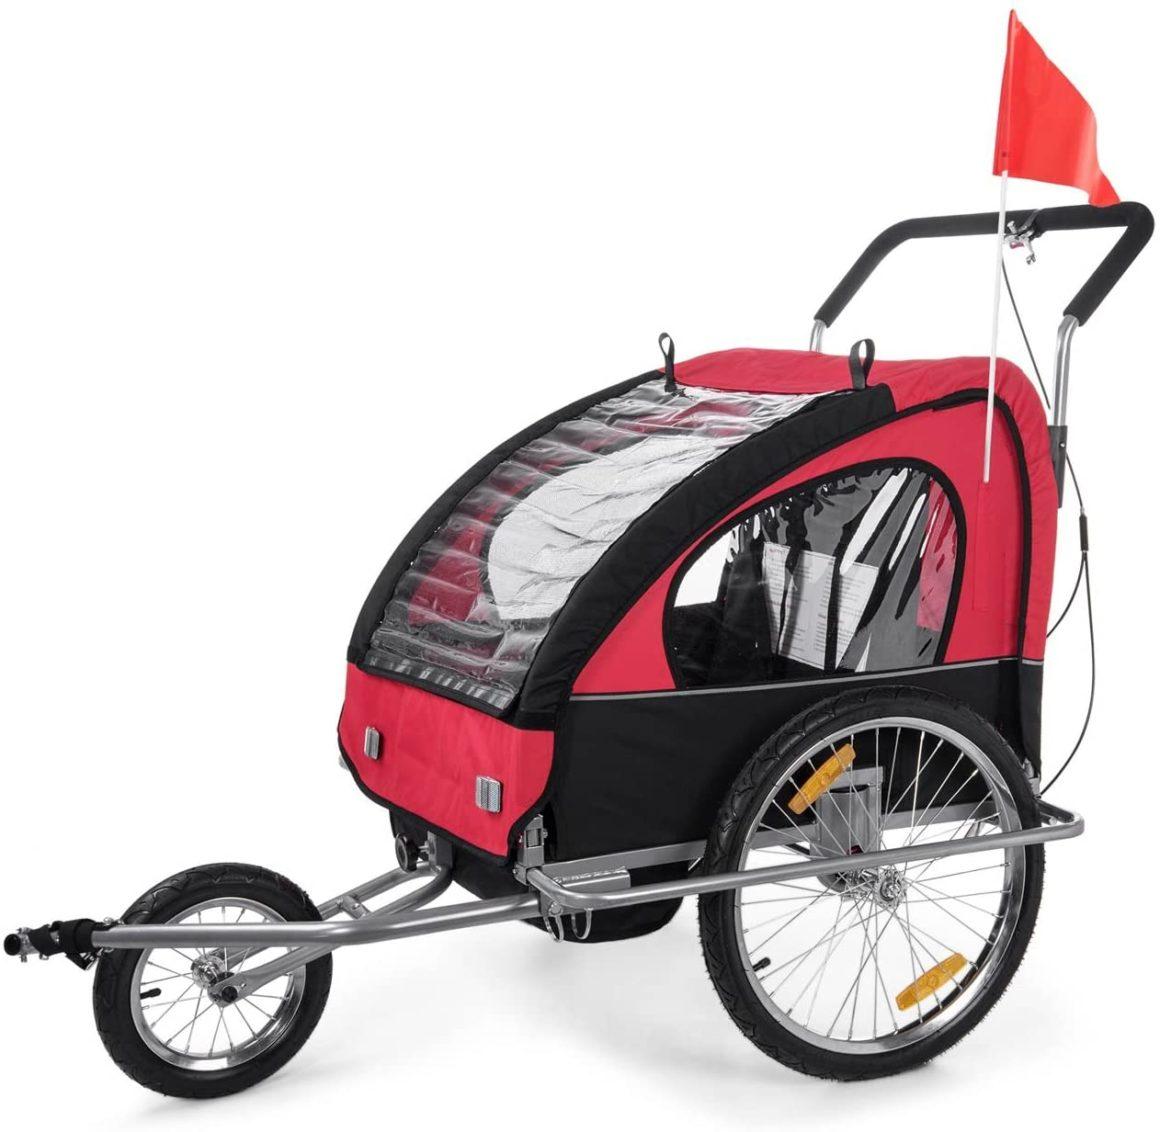 Rimorchio per bici convertibile Samax